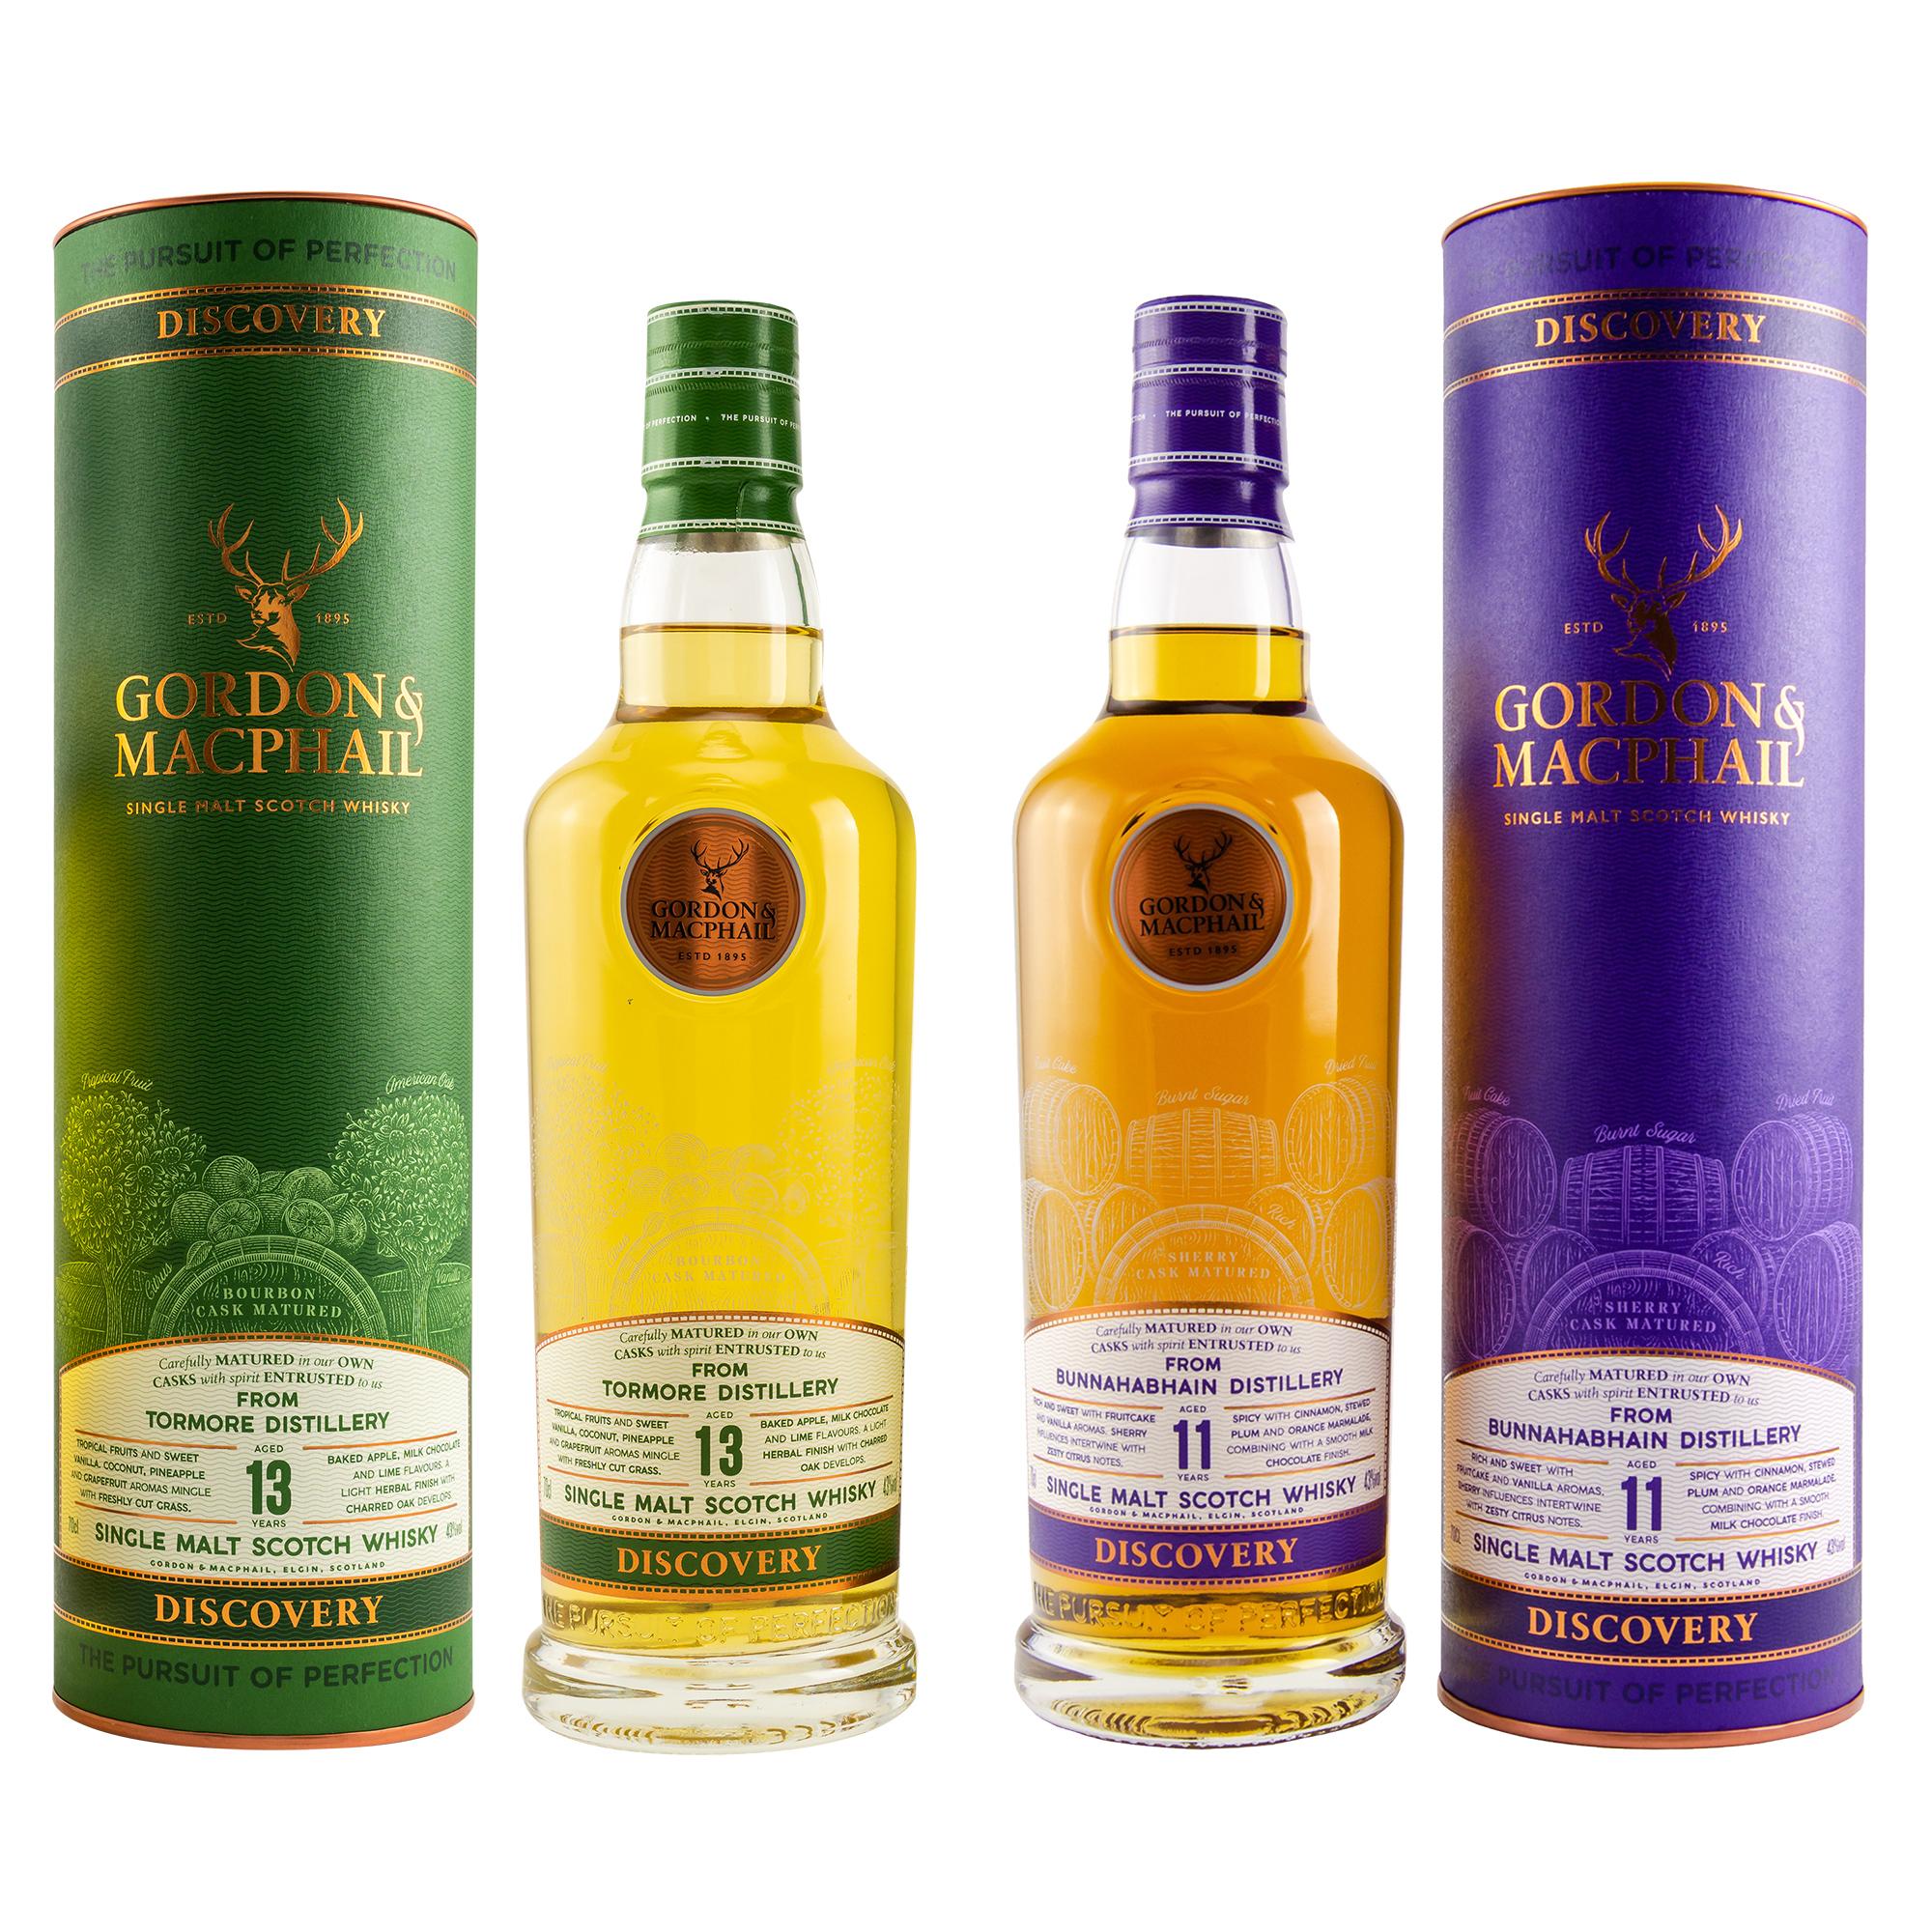 Tormore 13 Jahre & Bunnahabhain 11 Jahre (Gordon & MacPhail Discovery Series) Single Malt Whisky